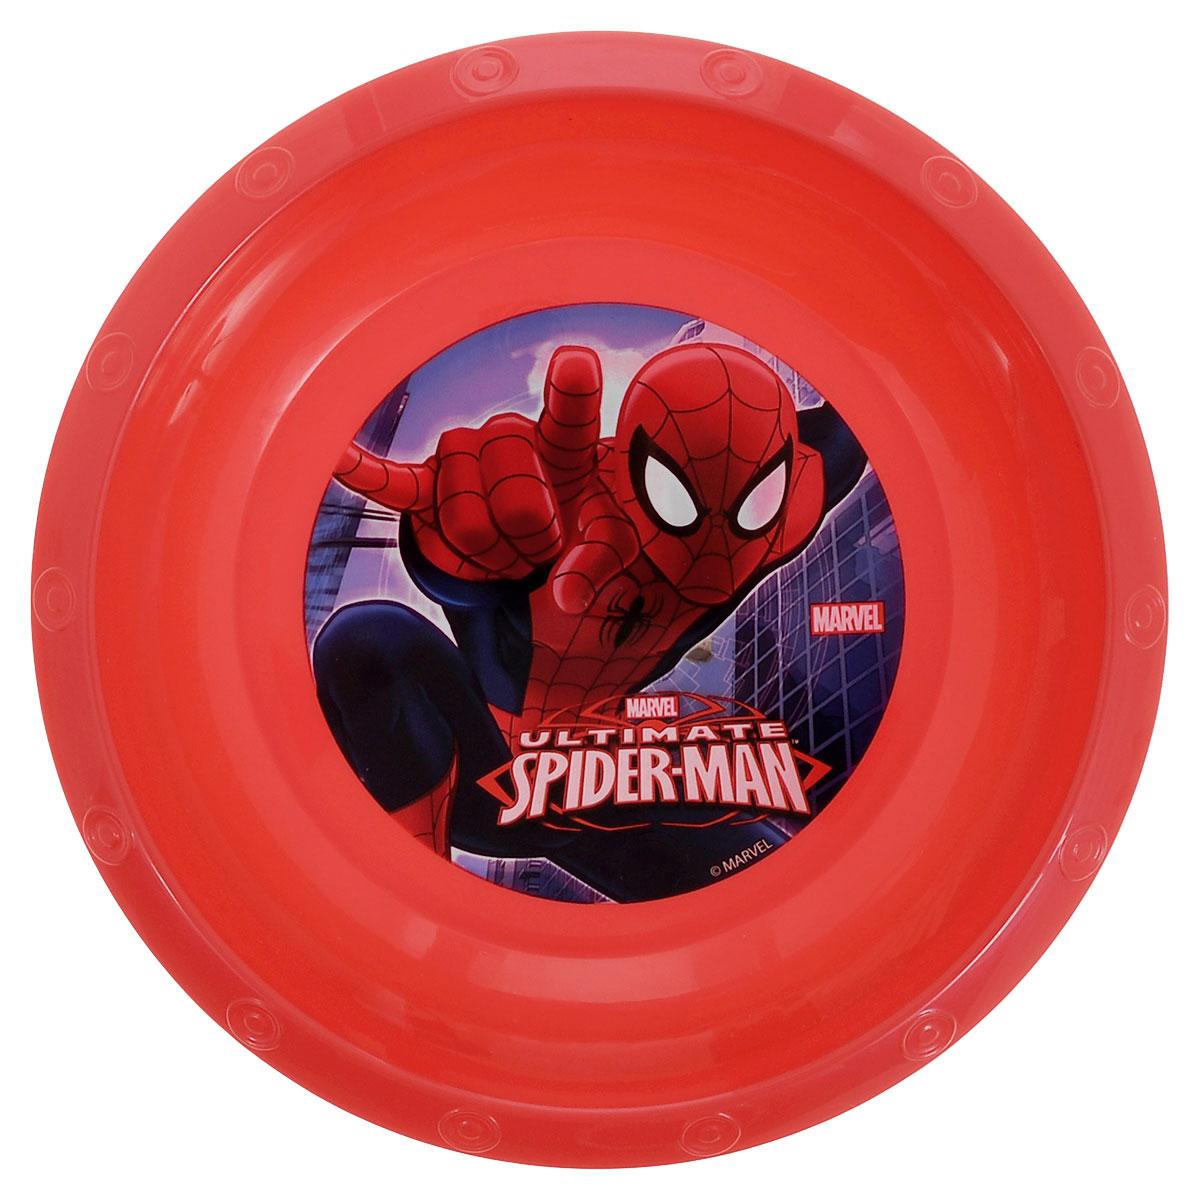 Миска Marvel Spider-Man, цвет: красный, 16 см52411_красныйЯркая миска Marvel Spider-Man, изготовленная из безопасного полипропилена красного цвета, непременно понравится юному обладателю. Дно миски оформлено изображением супергероя - человека-паука из одноименного мультсериала. Изделие очень функционально, пригодится на кухне для самых разнообразных нужд.Рекомендуется для детей от: 3 лет.